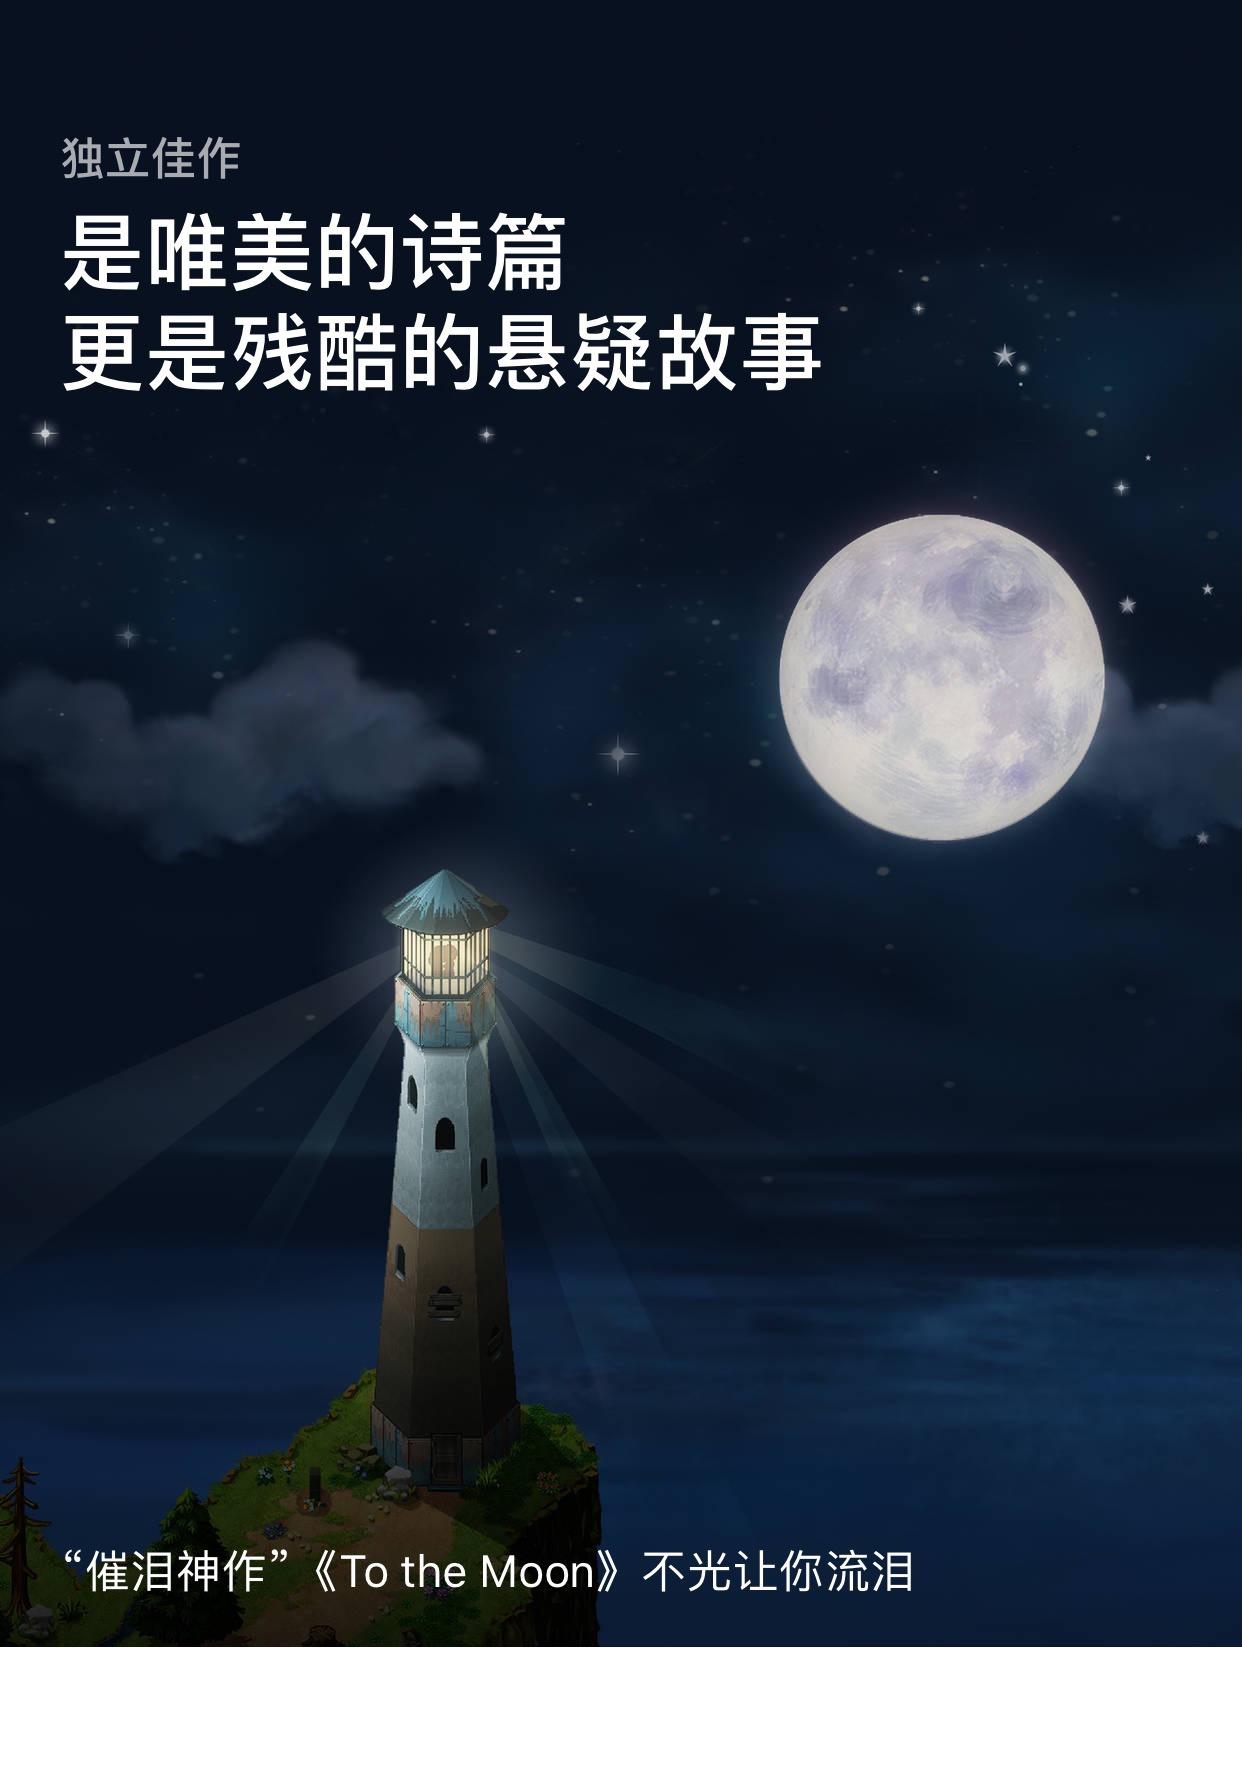 去月球-To